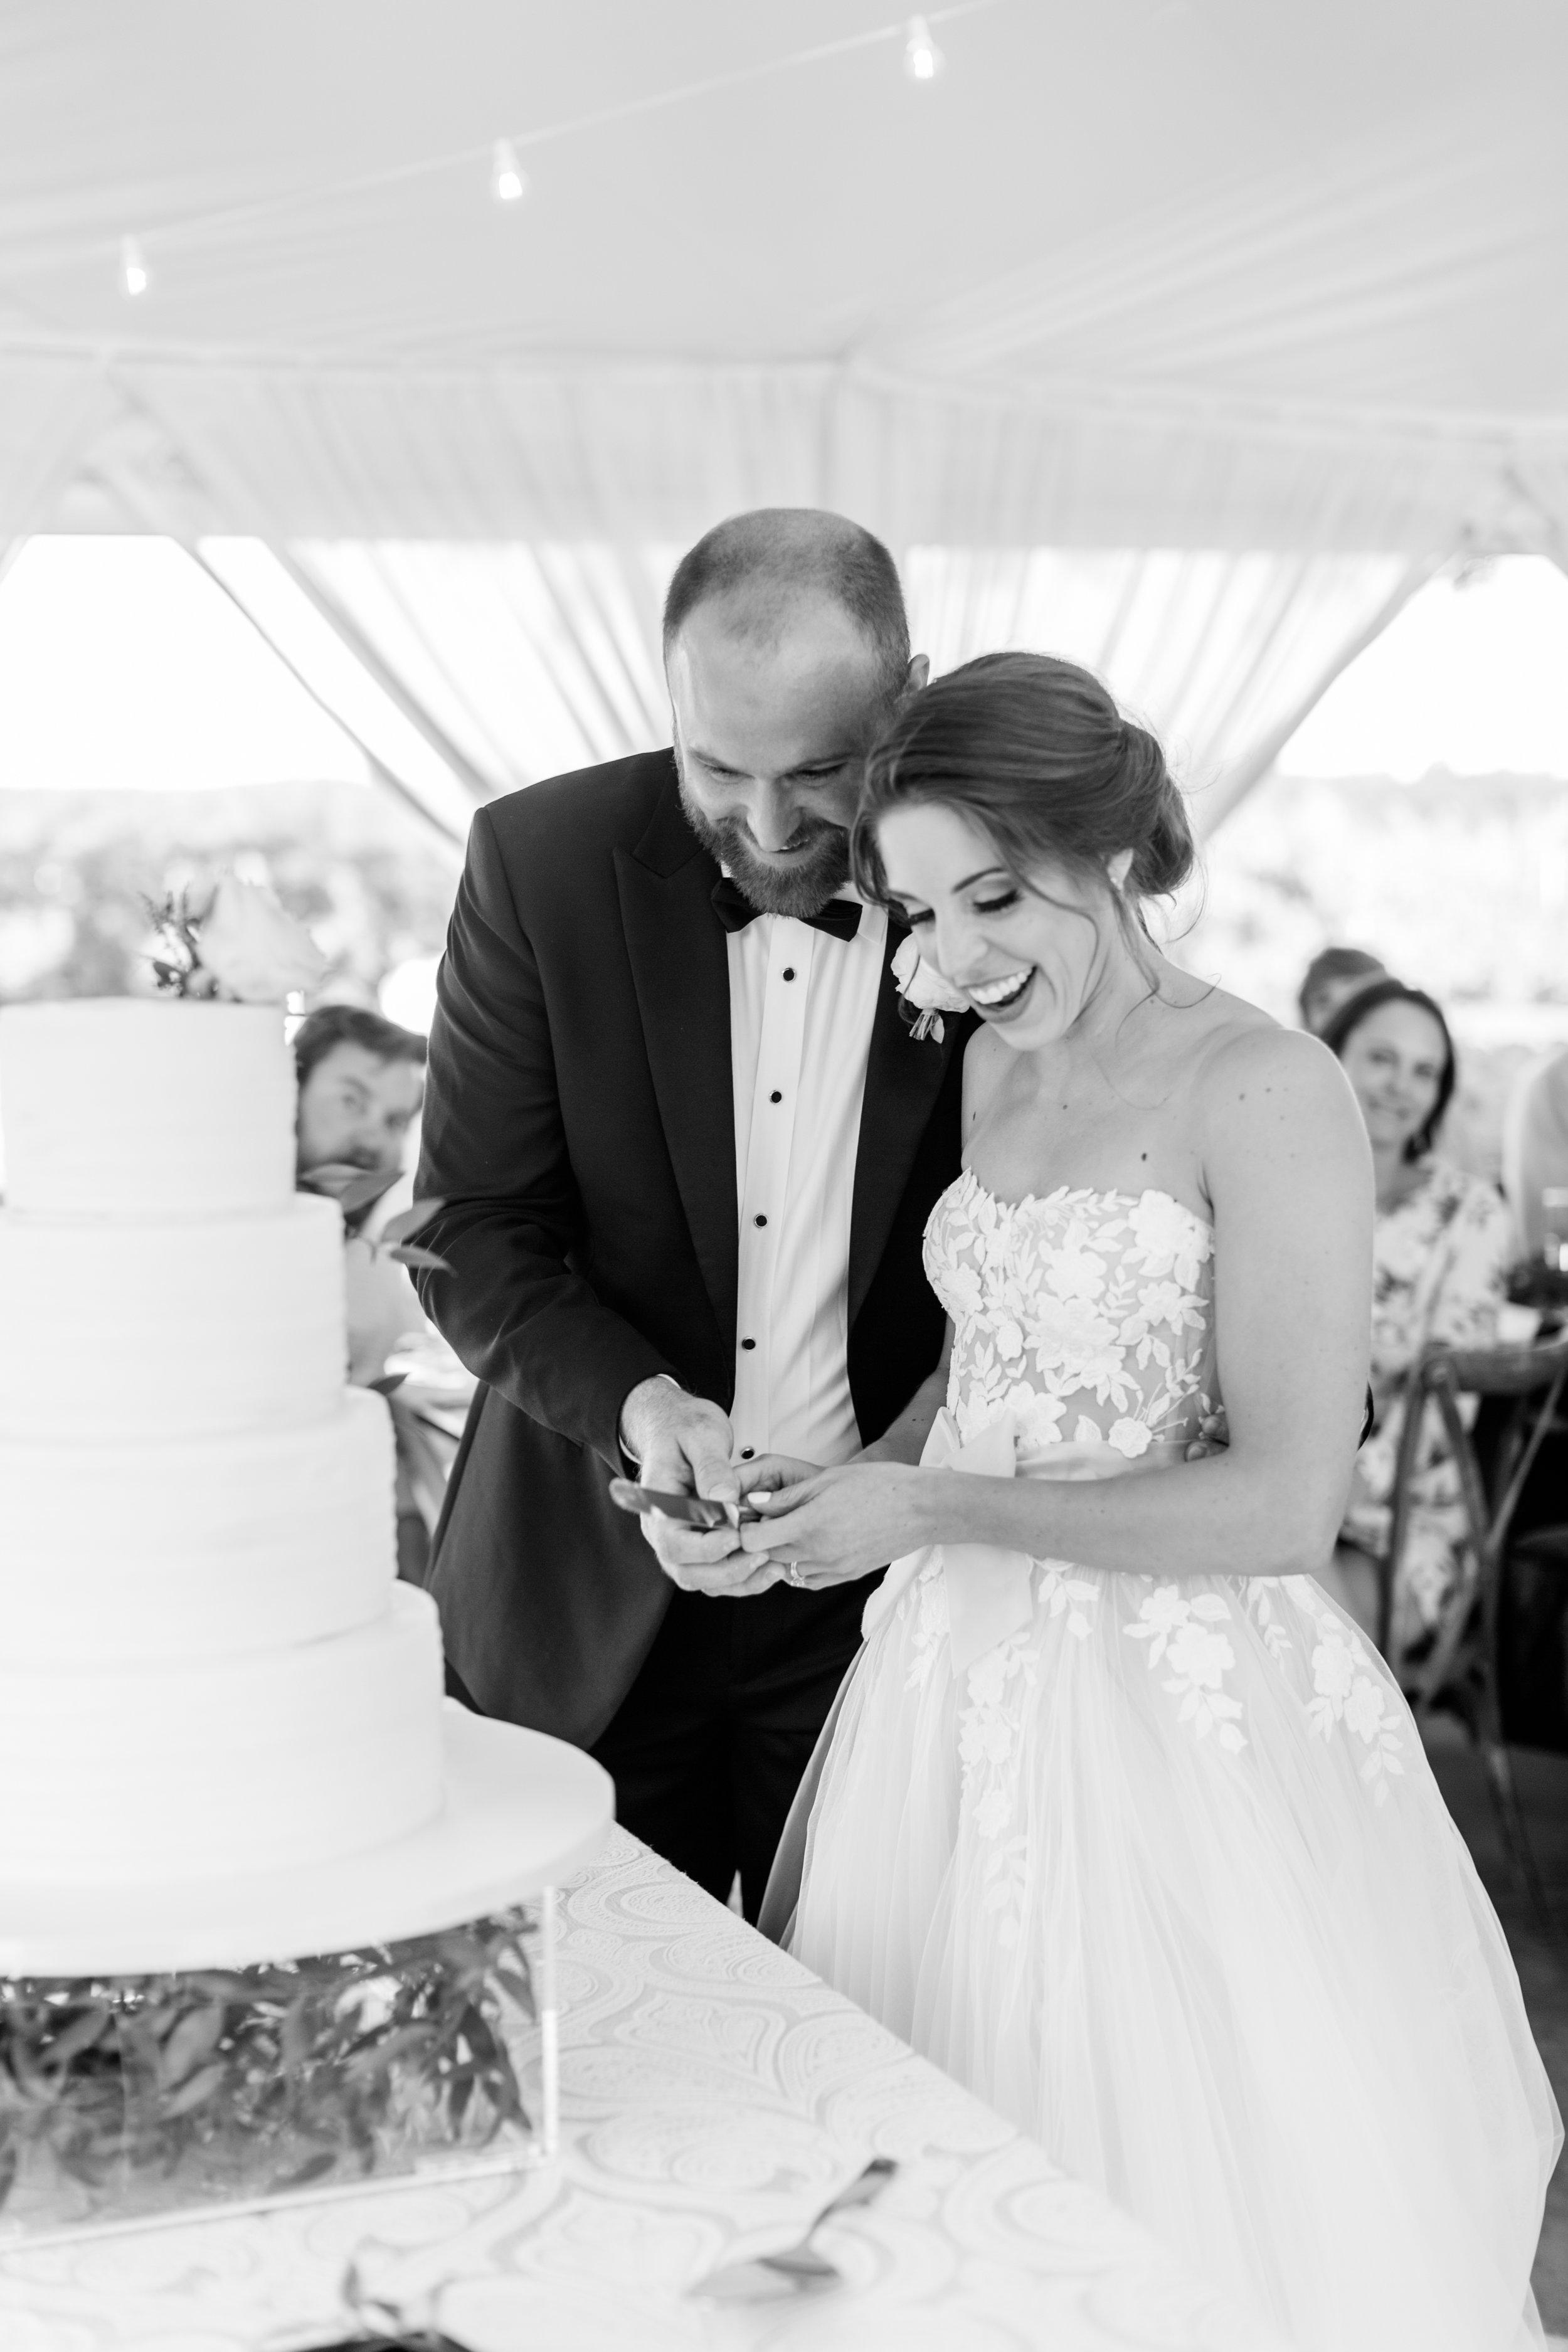 Steinlage+Wedding+Reception-78.jpg